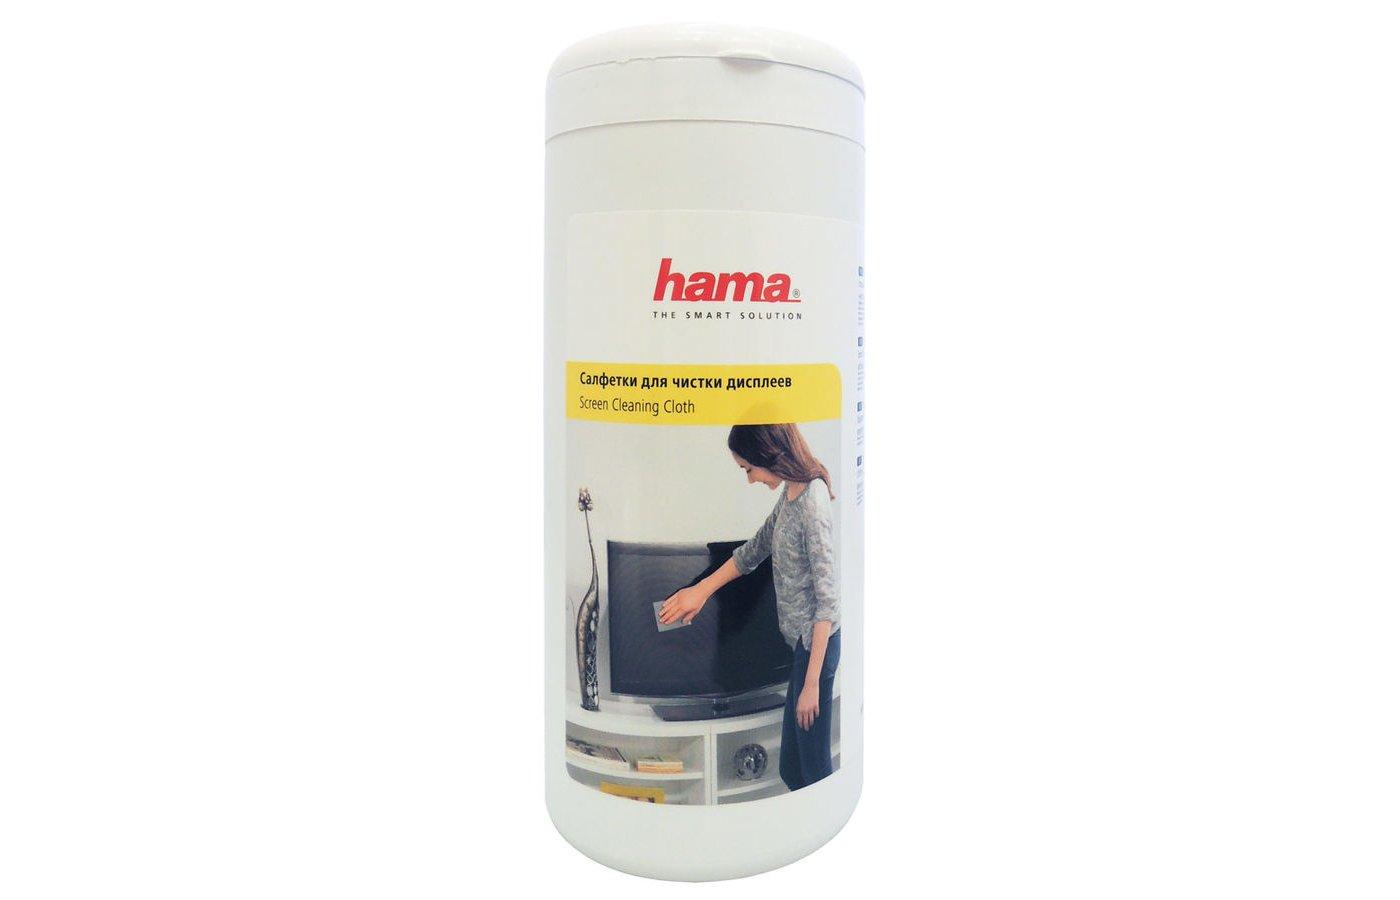 Чистящее средство Hama R1095850 салфетки для экранов мониторов/плазменных/ЖК телевизоров/ноутбуков туба 100шт влажных